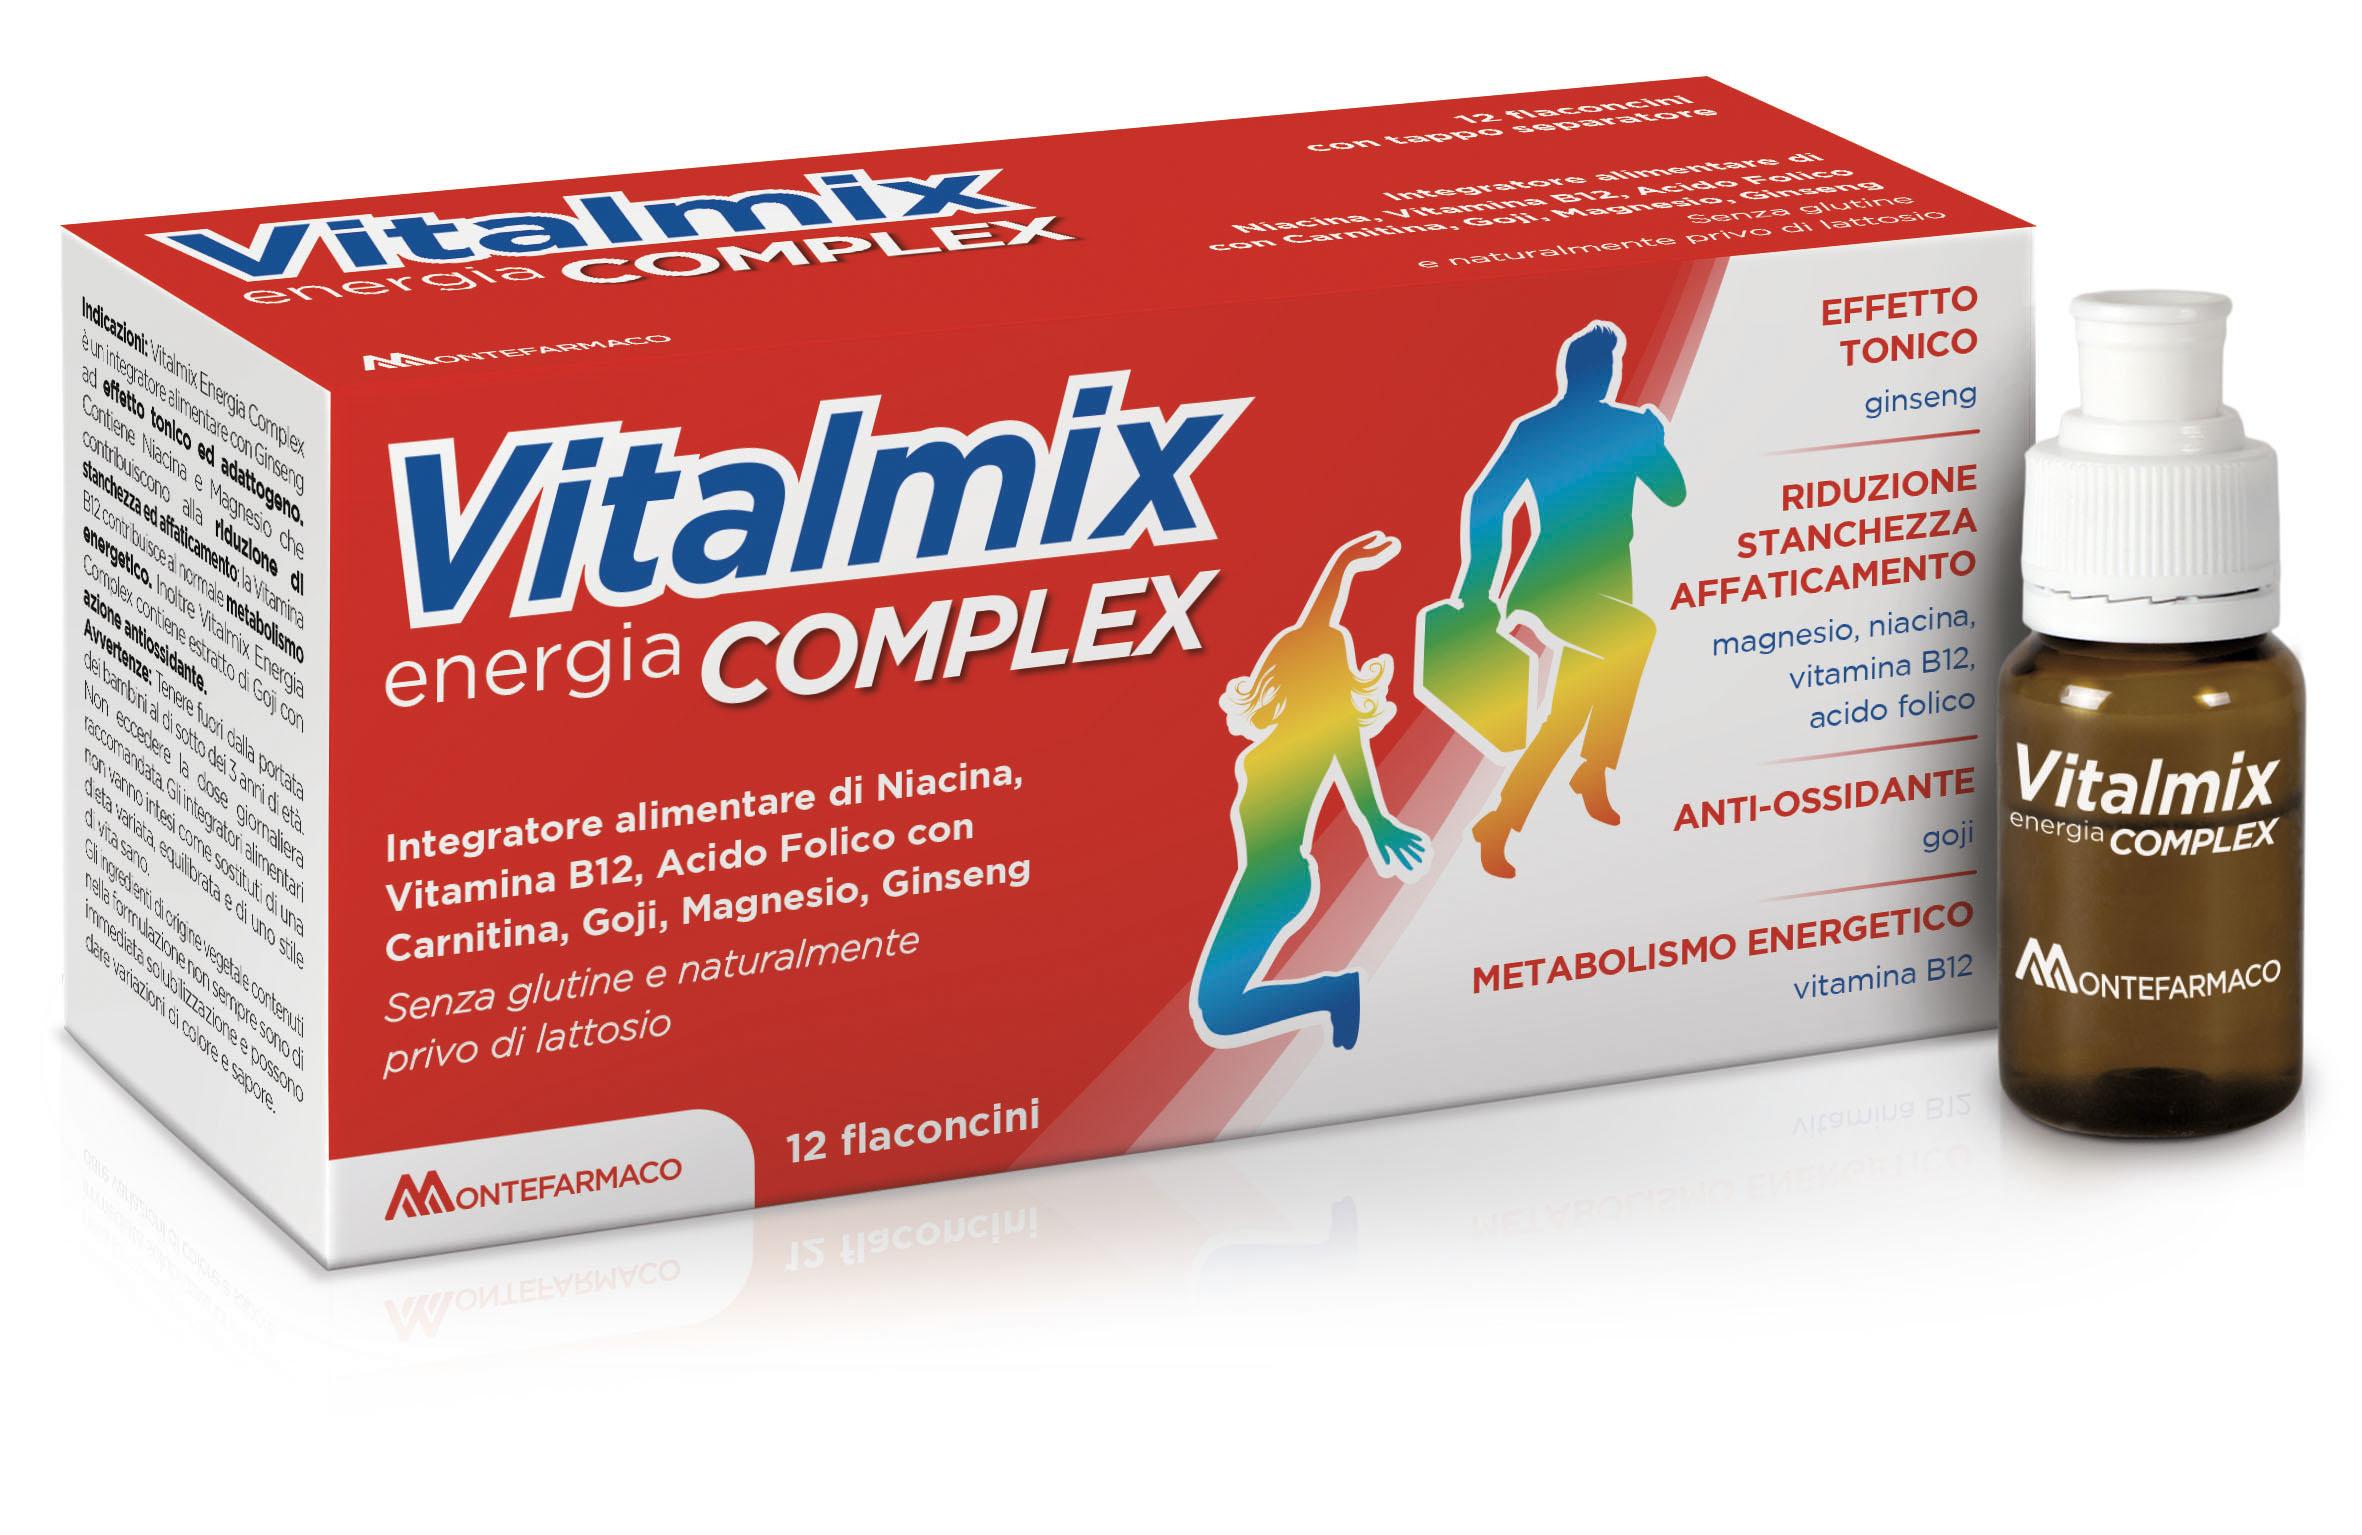 vitalmix-complex